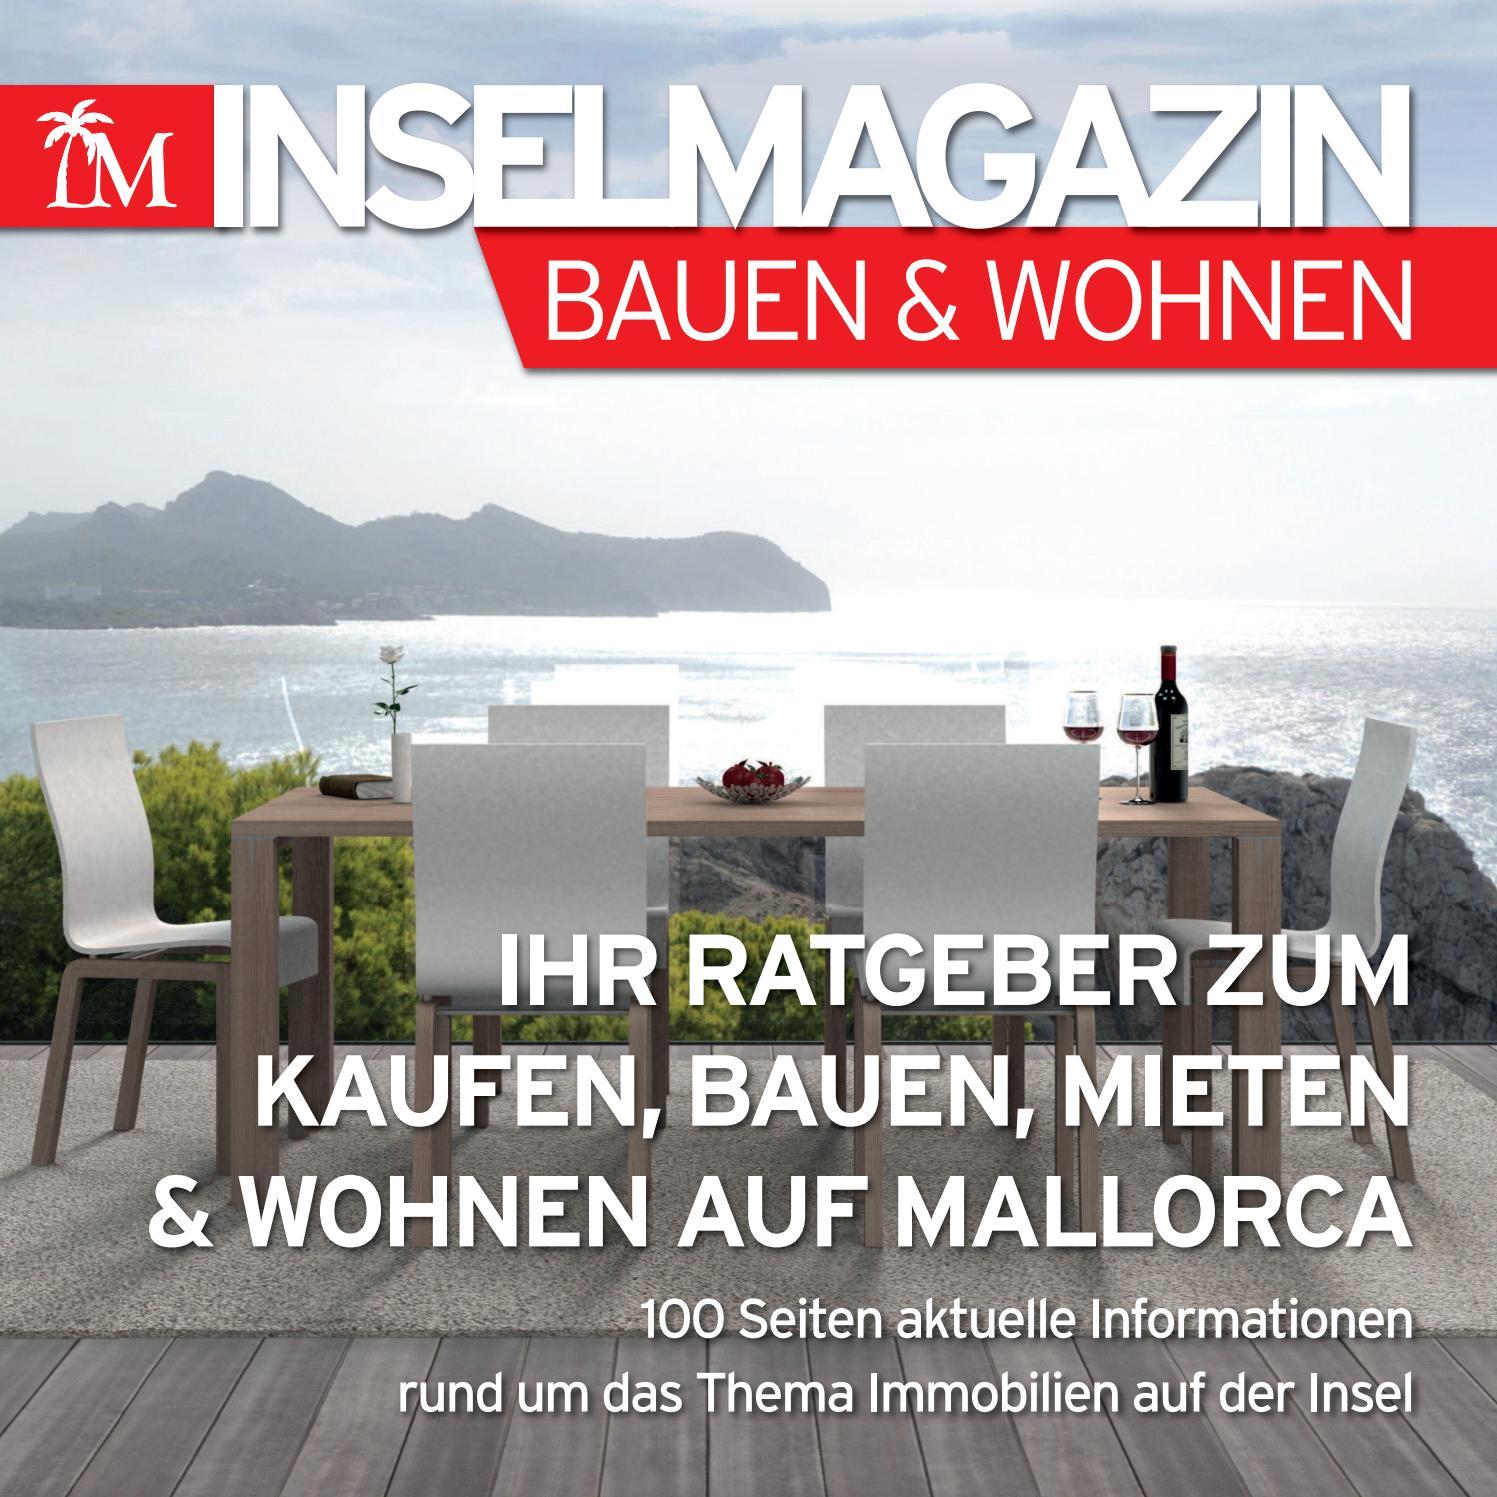 Das Inselmagazin Bauen&Wohnen by Die Inselzeitung Mallorca online ...